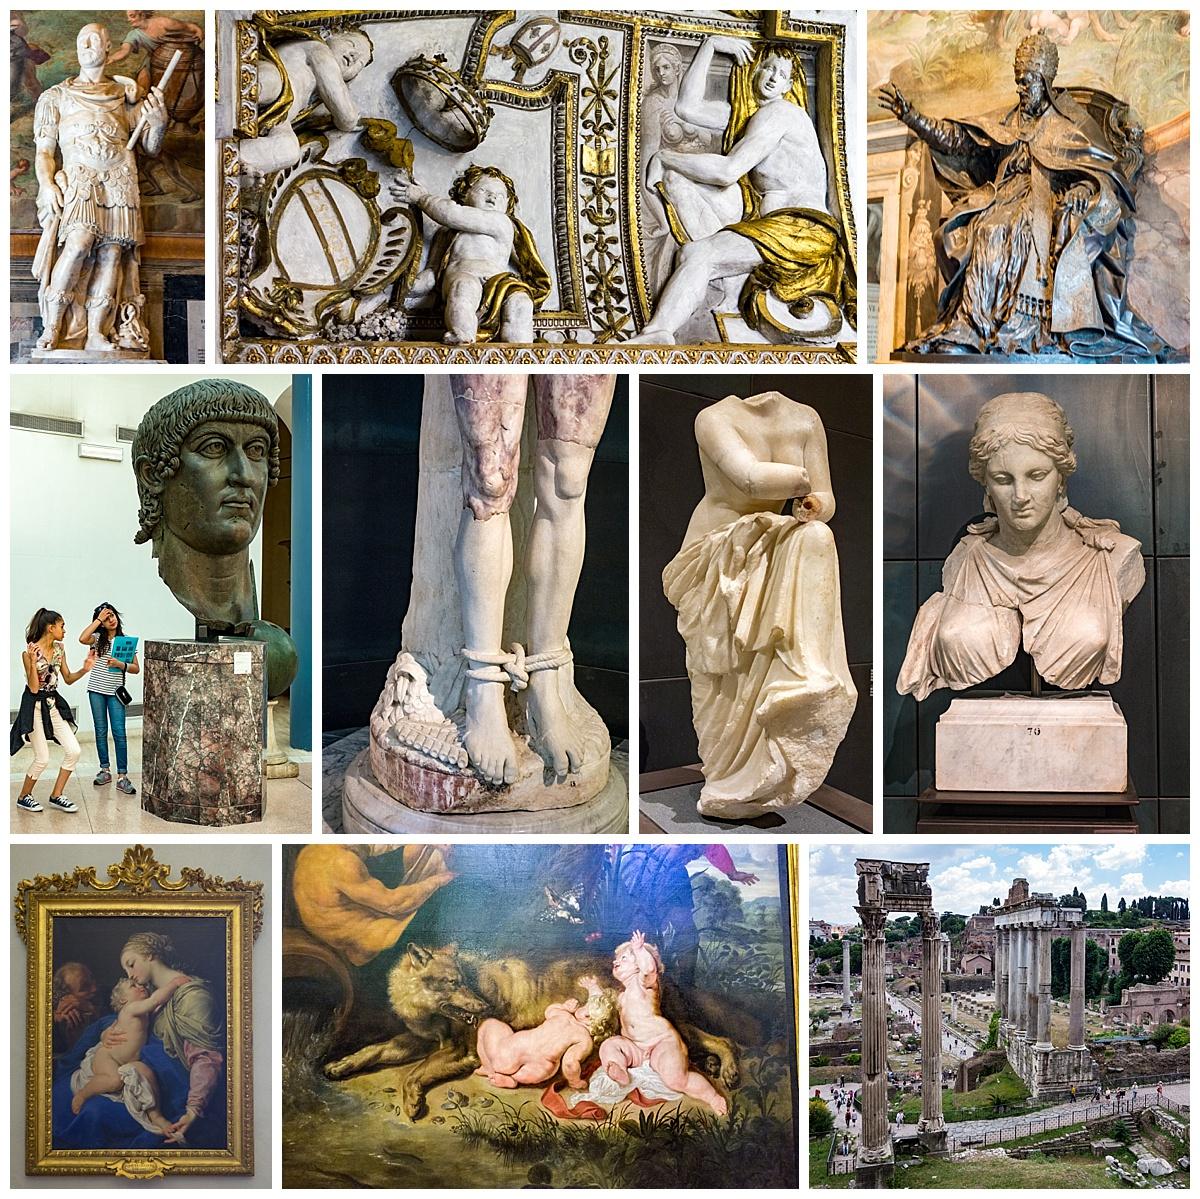 Rome, Italy - capitolini museum